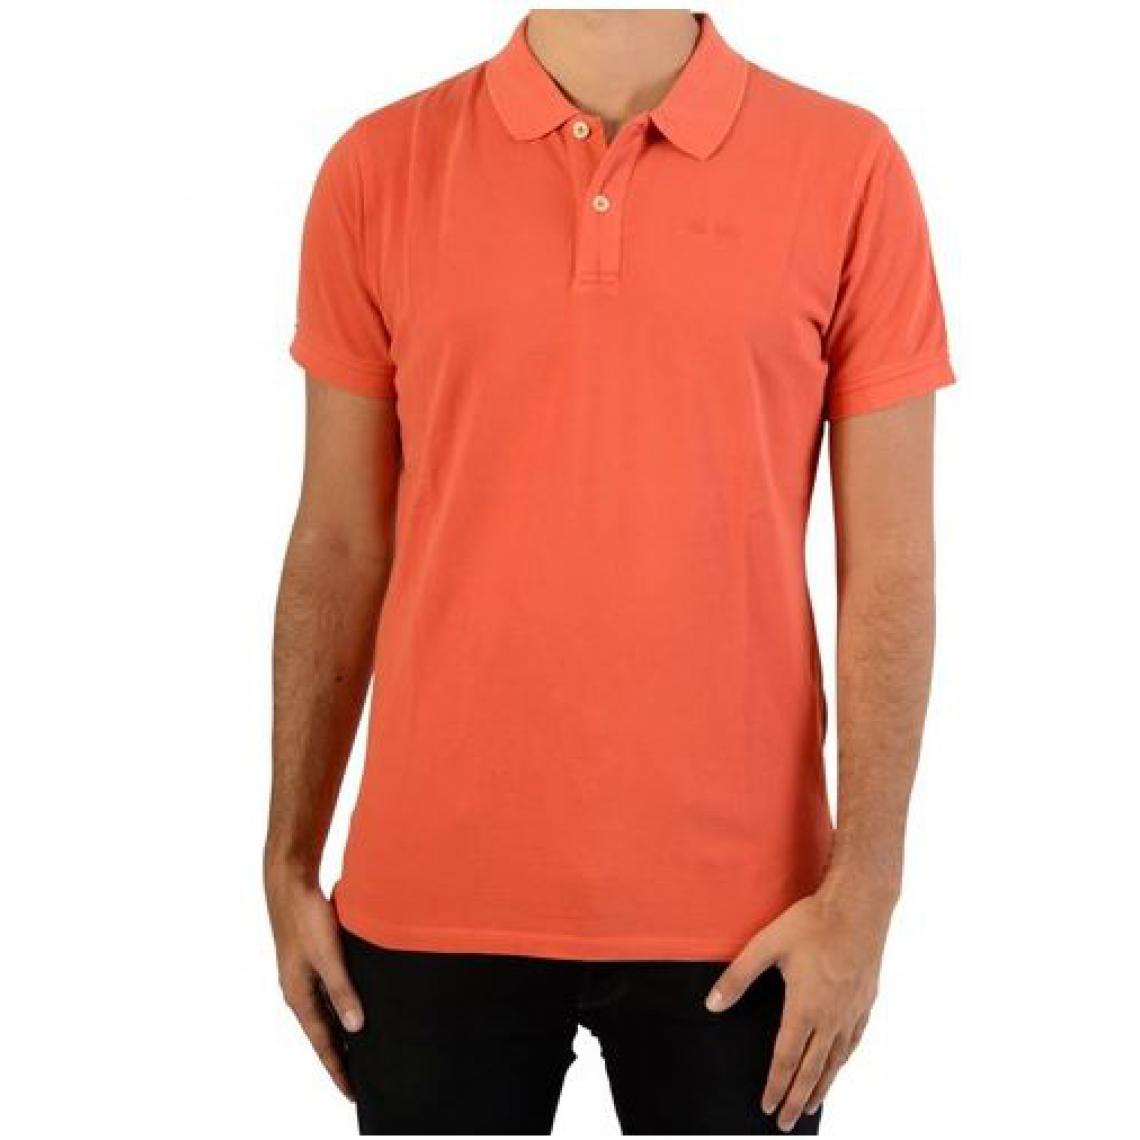 9de08c1449673 Polo manches courtes orange Pepe Jeans homme Pepe Jeans Homme